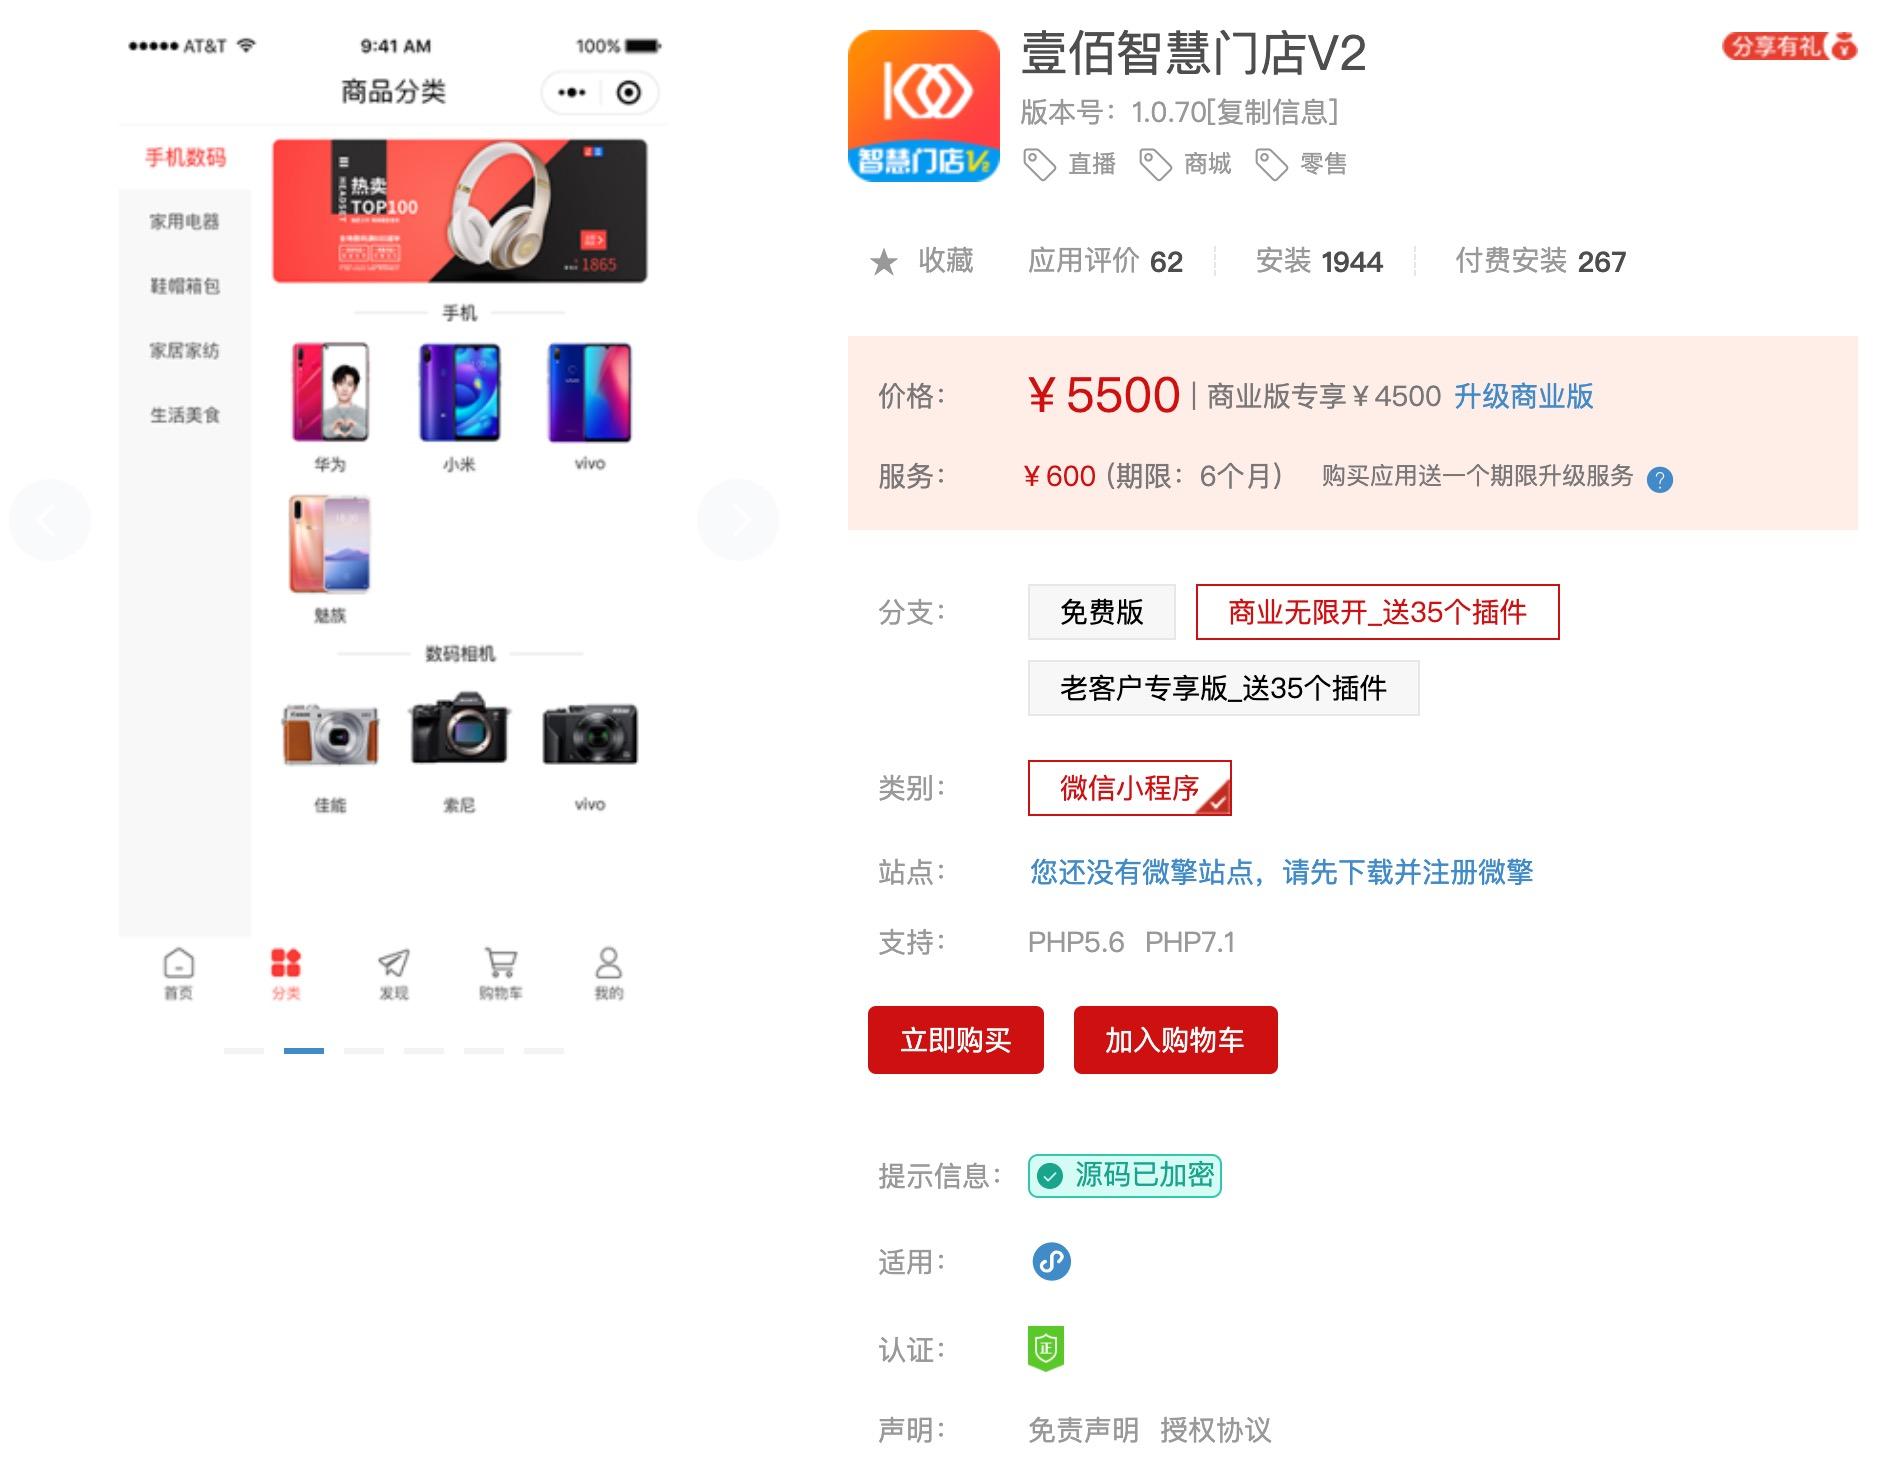 【更新】壹佰智慧门店V2-1.0.70最新版本去授权在线上传